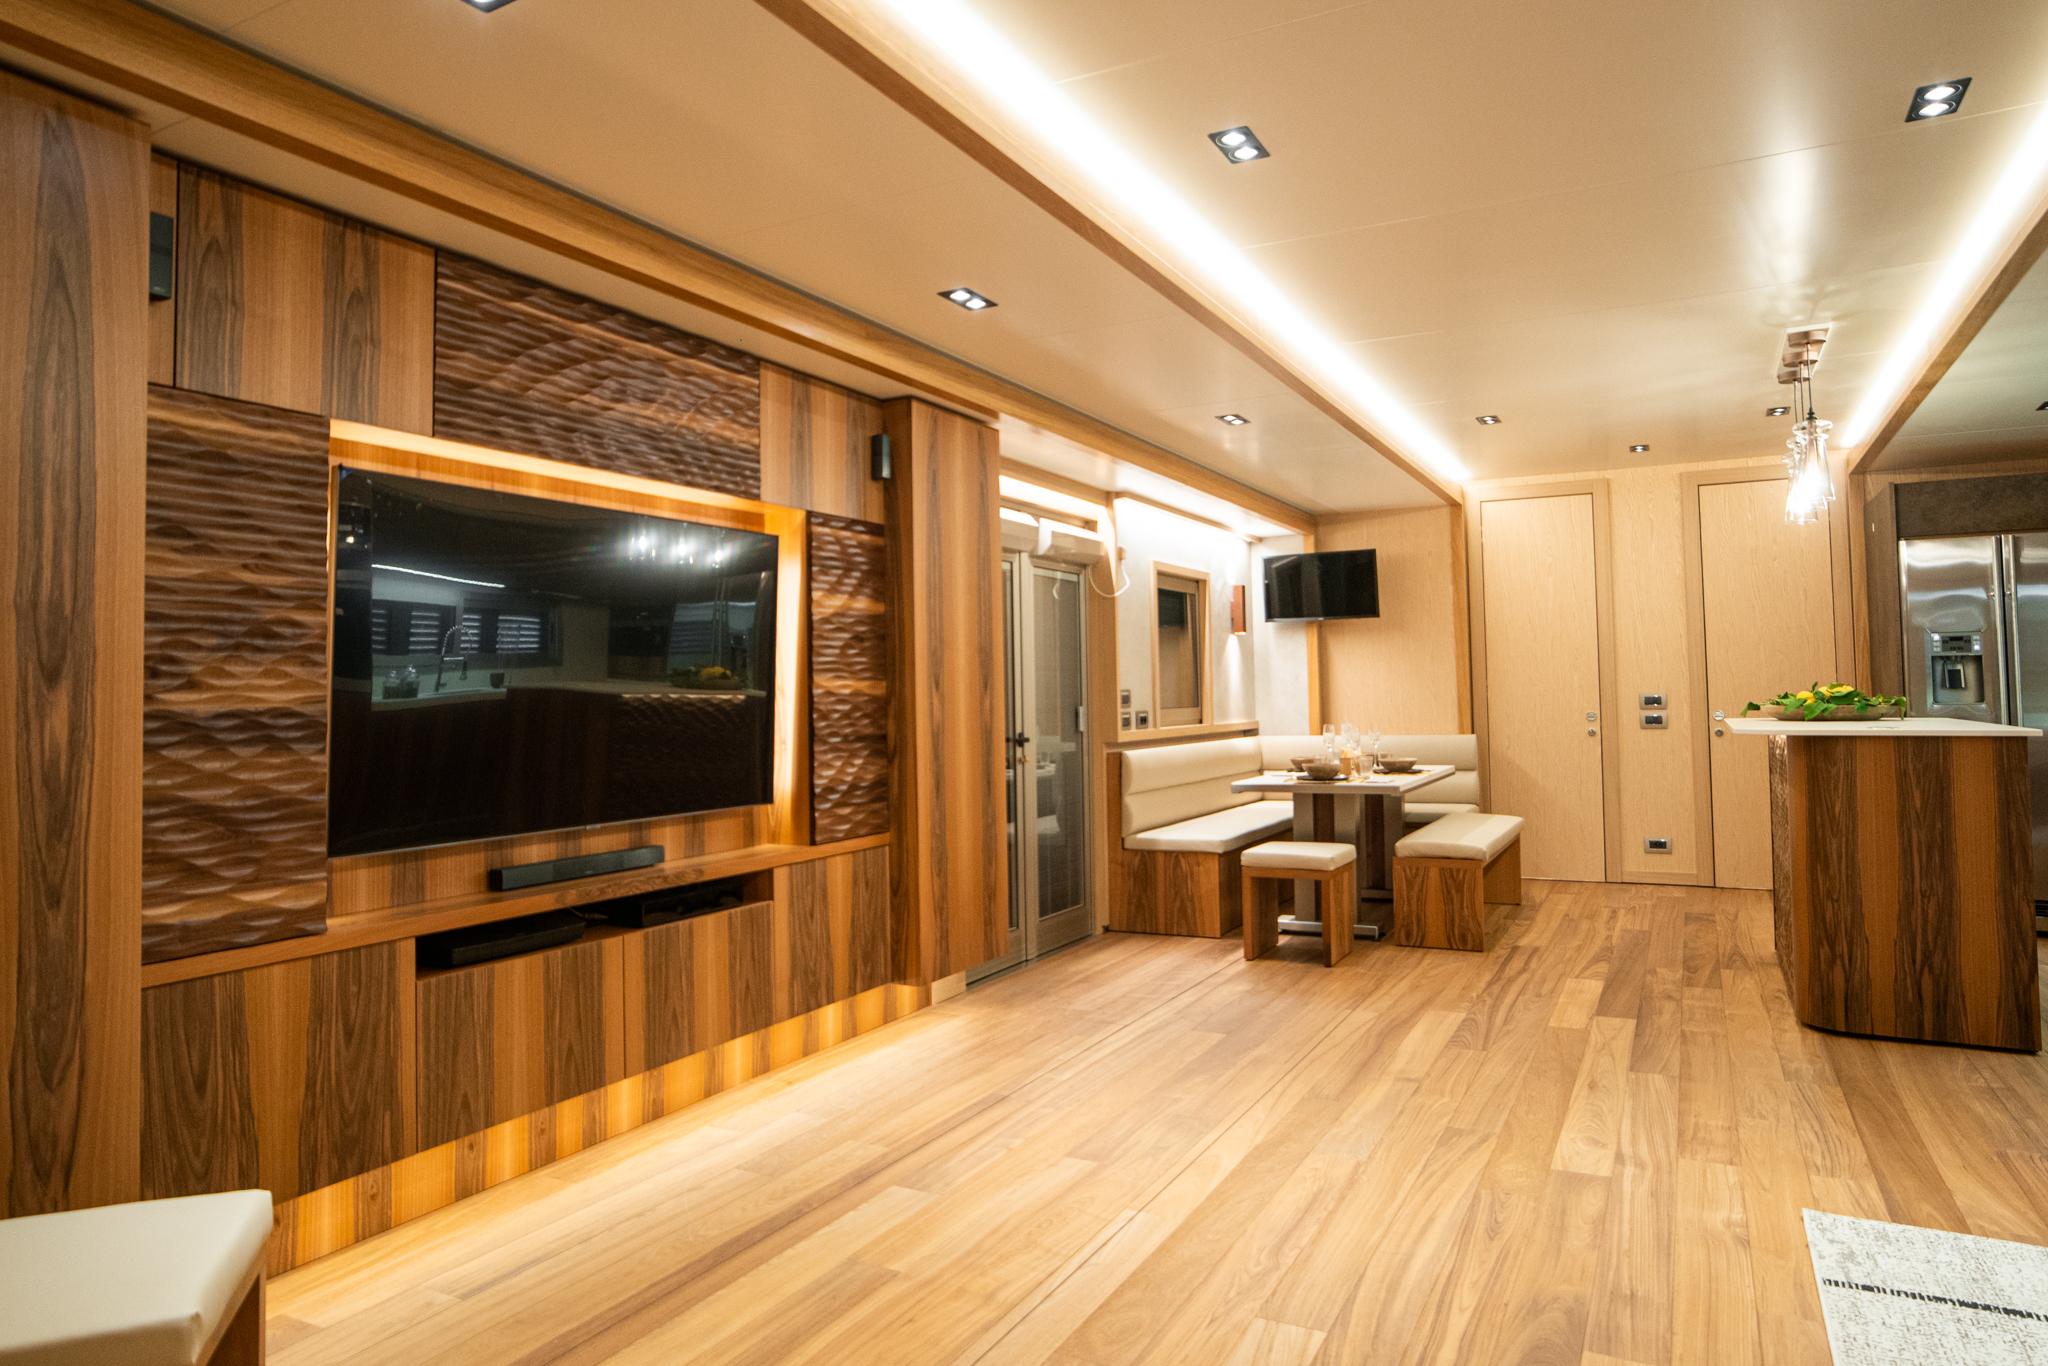 Salon luksusowej przyczepy mieszkalnej